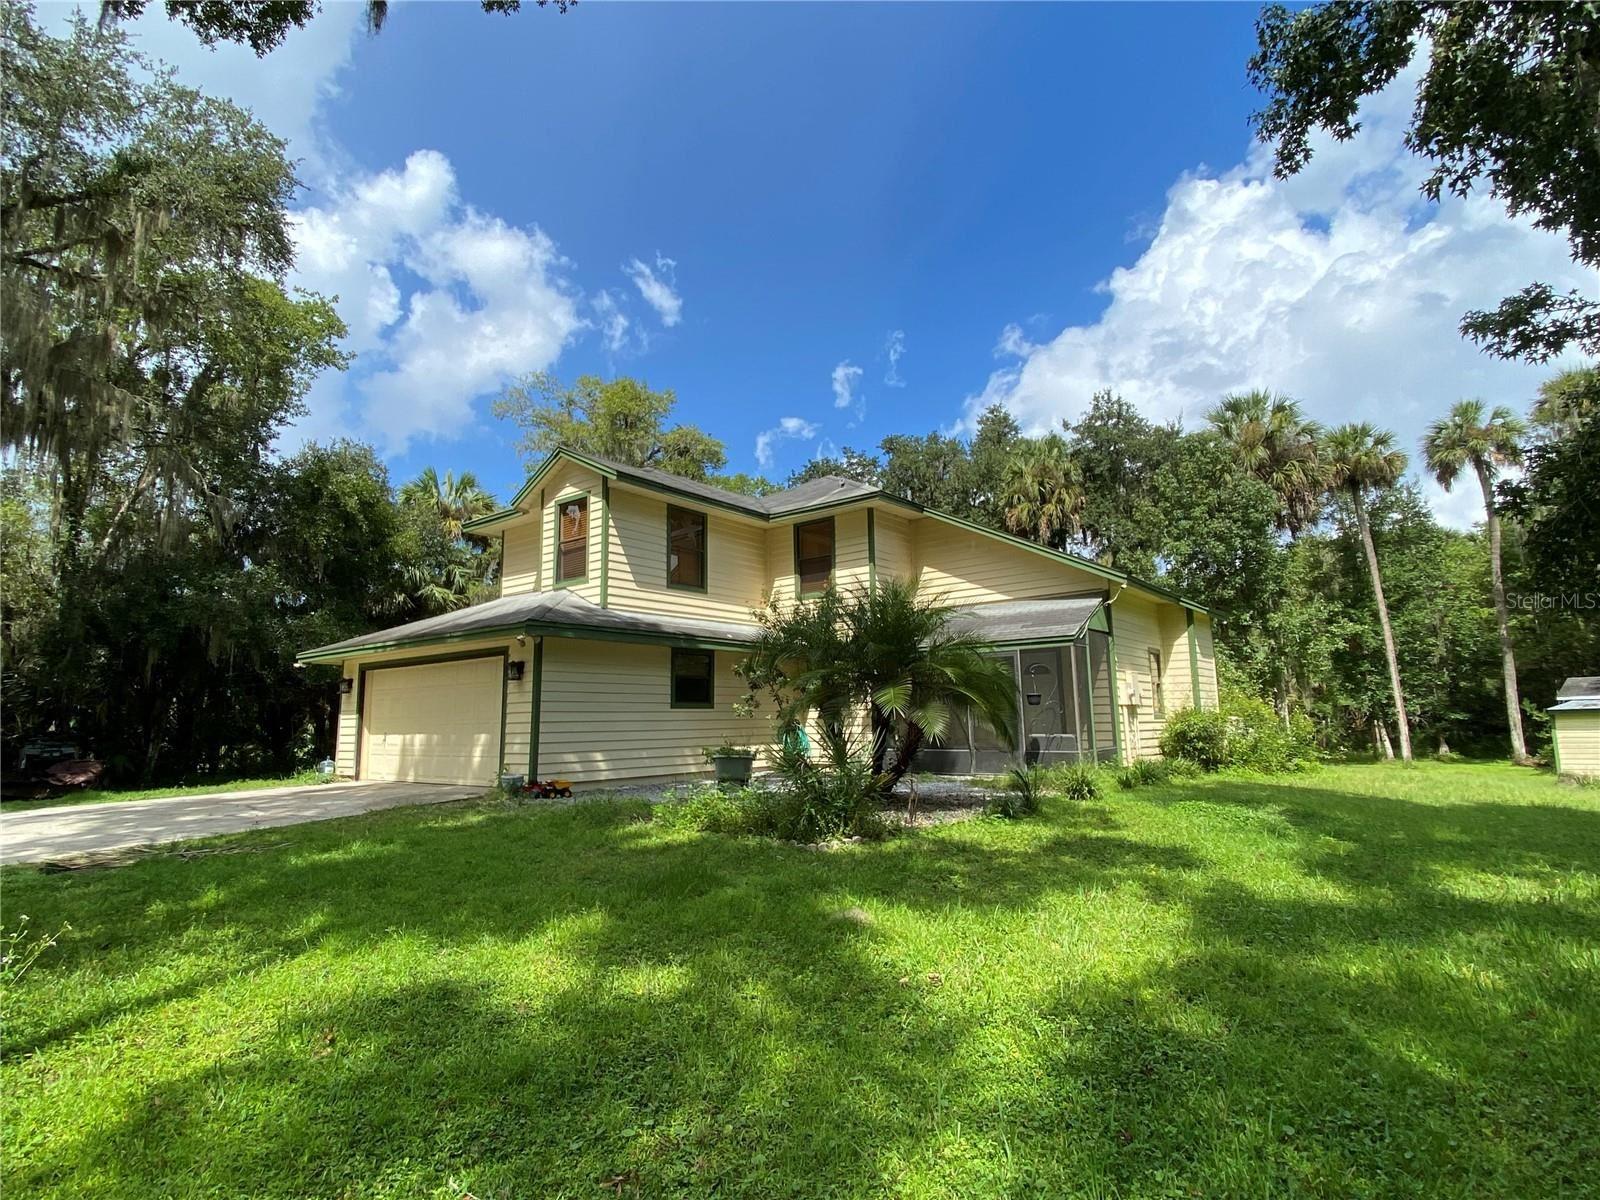 5250 MICHIGAN AVENUE, Sanford, FL 32771 - #: V4921155